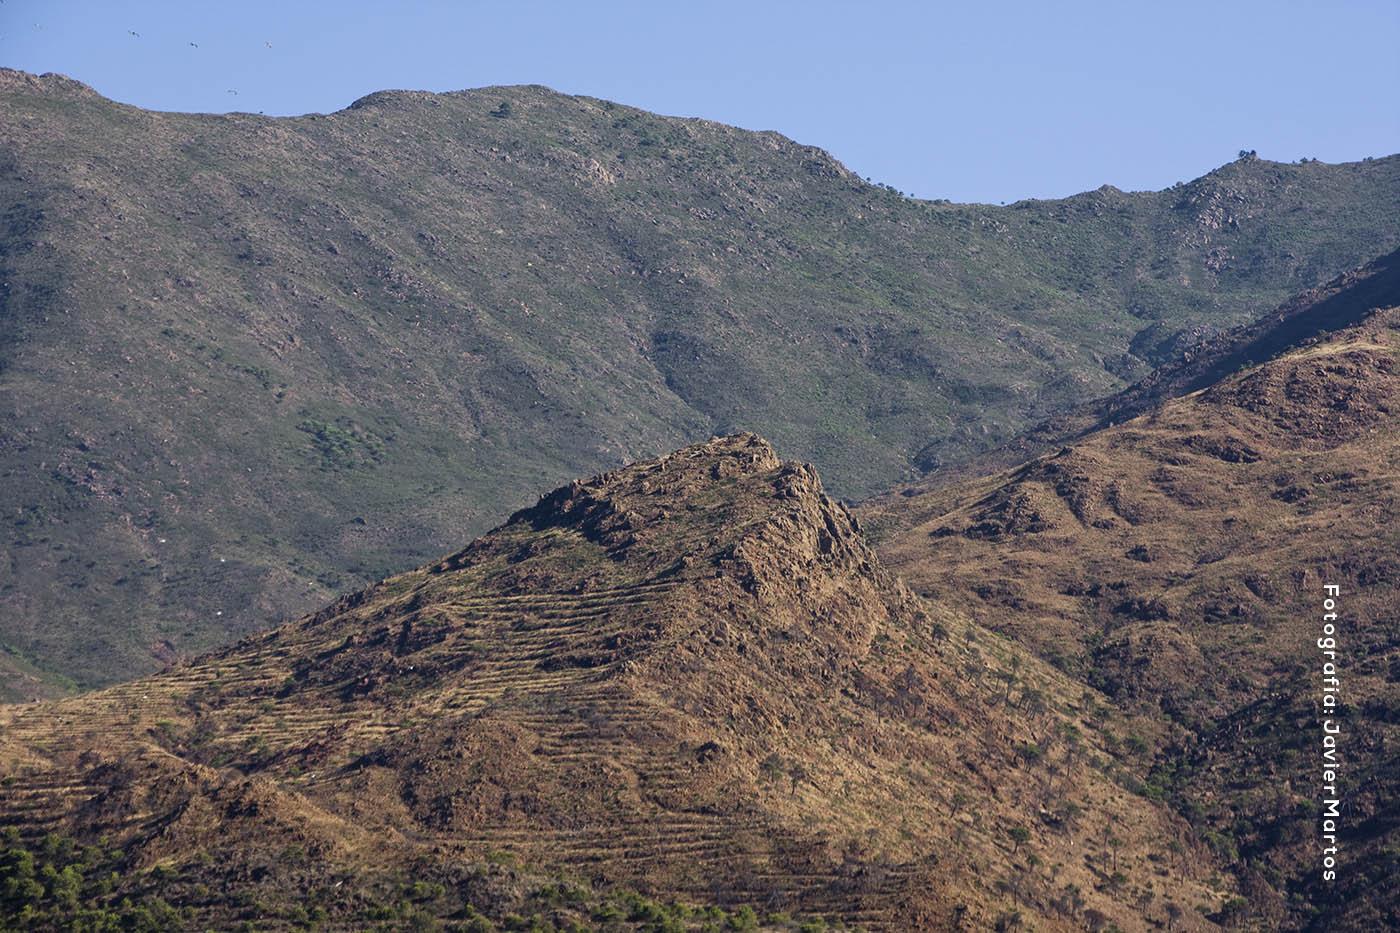 Cerro del Águila (Estepona)